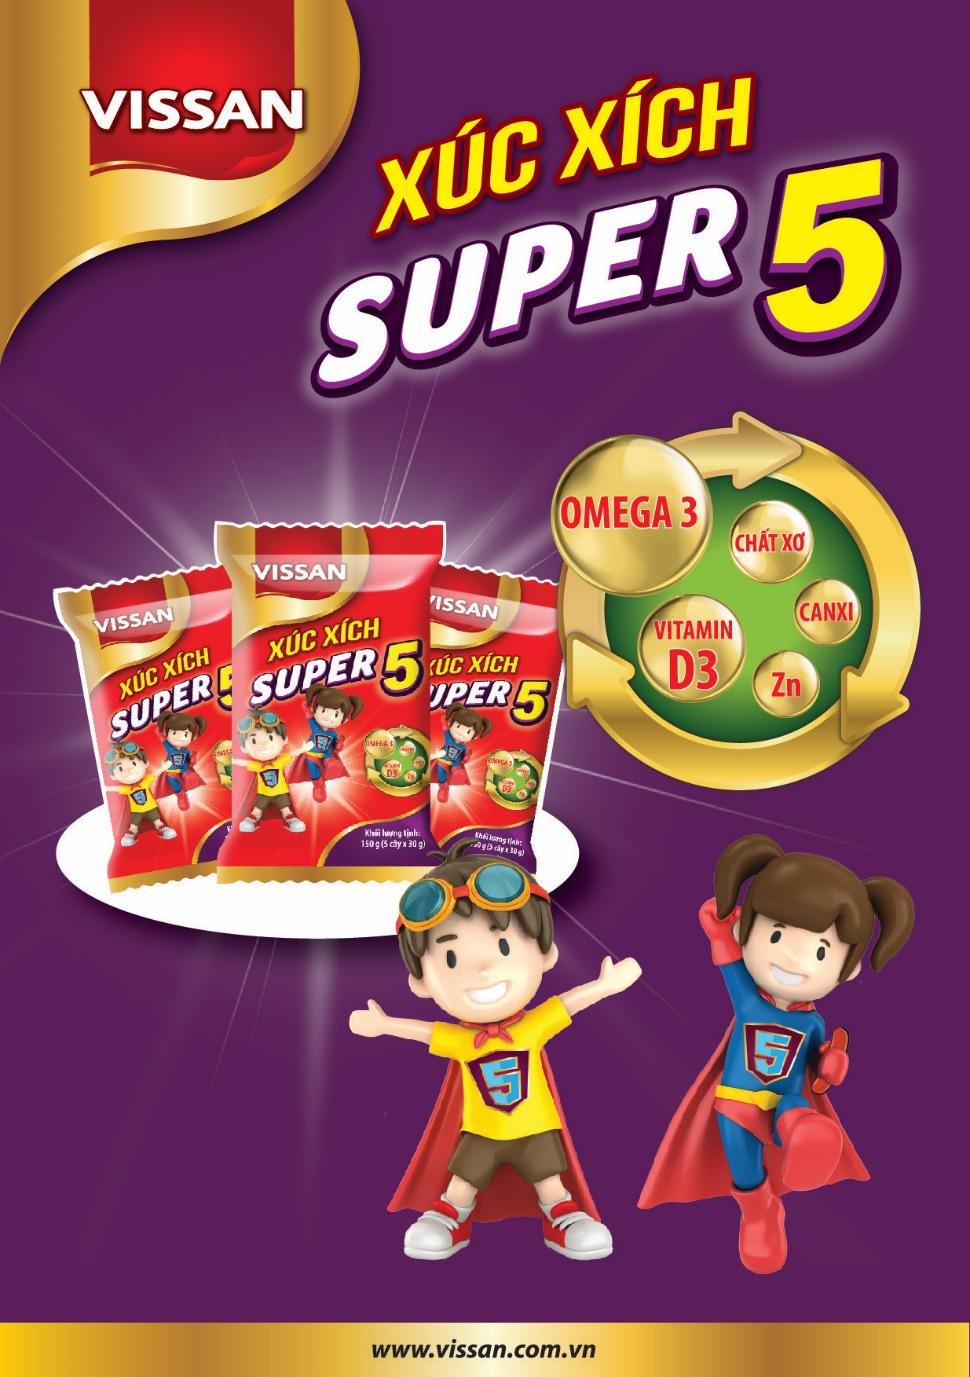 Bổ sung 5 dưỡng chất quan trọng với xúc xích Super 5 - Ảnh 2.